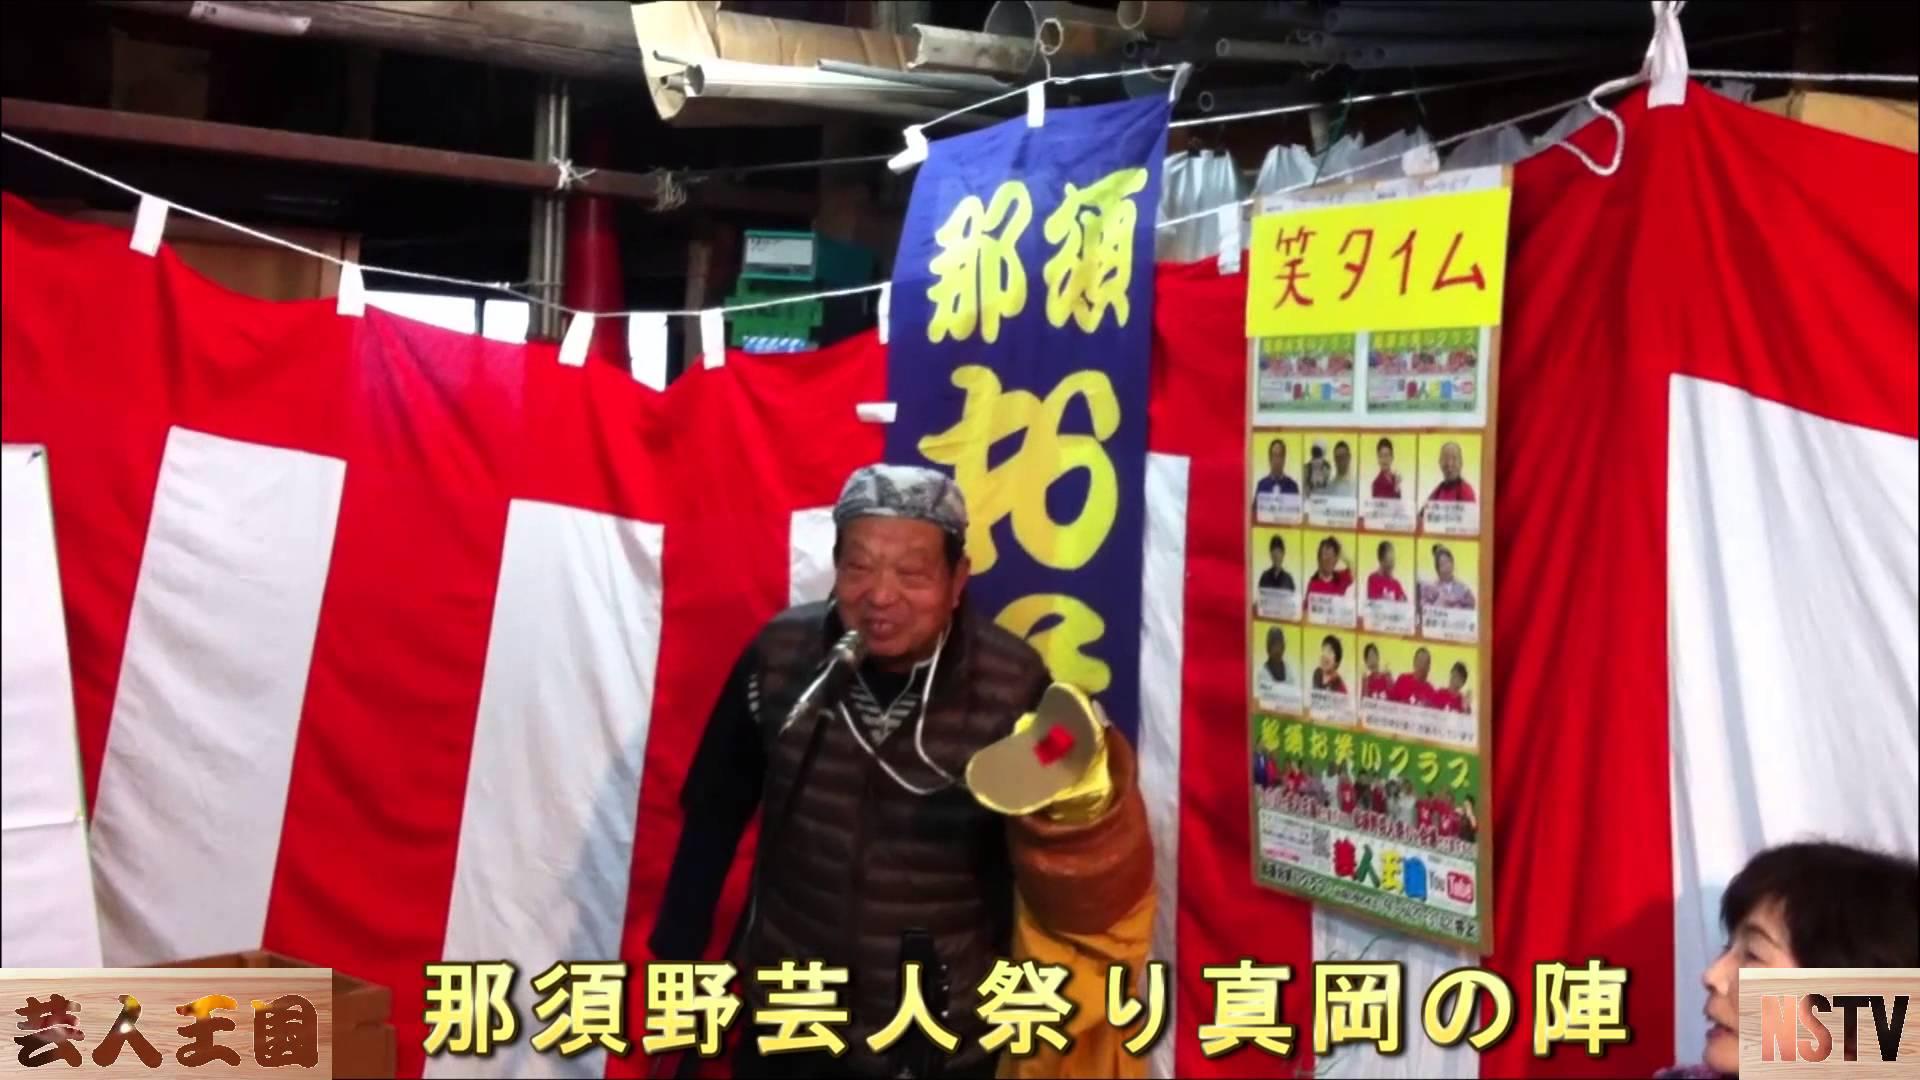 那須お笑いクラブ~那須野芸人祭り真岡の陣(2)